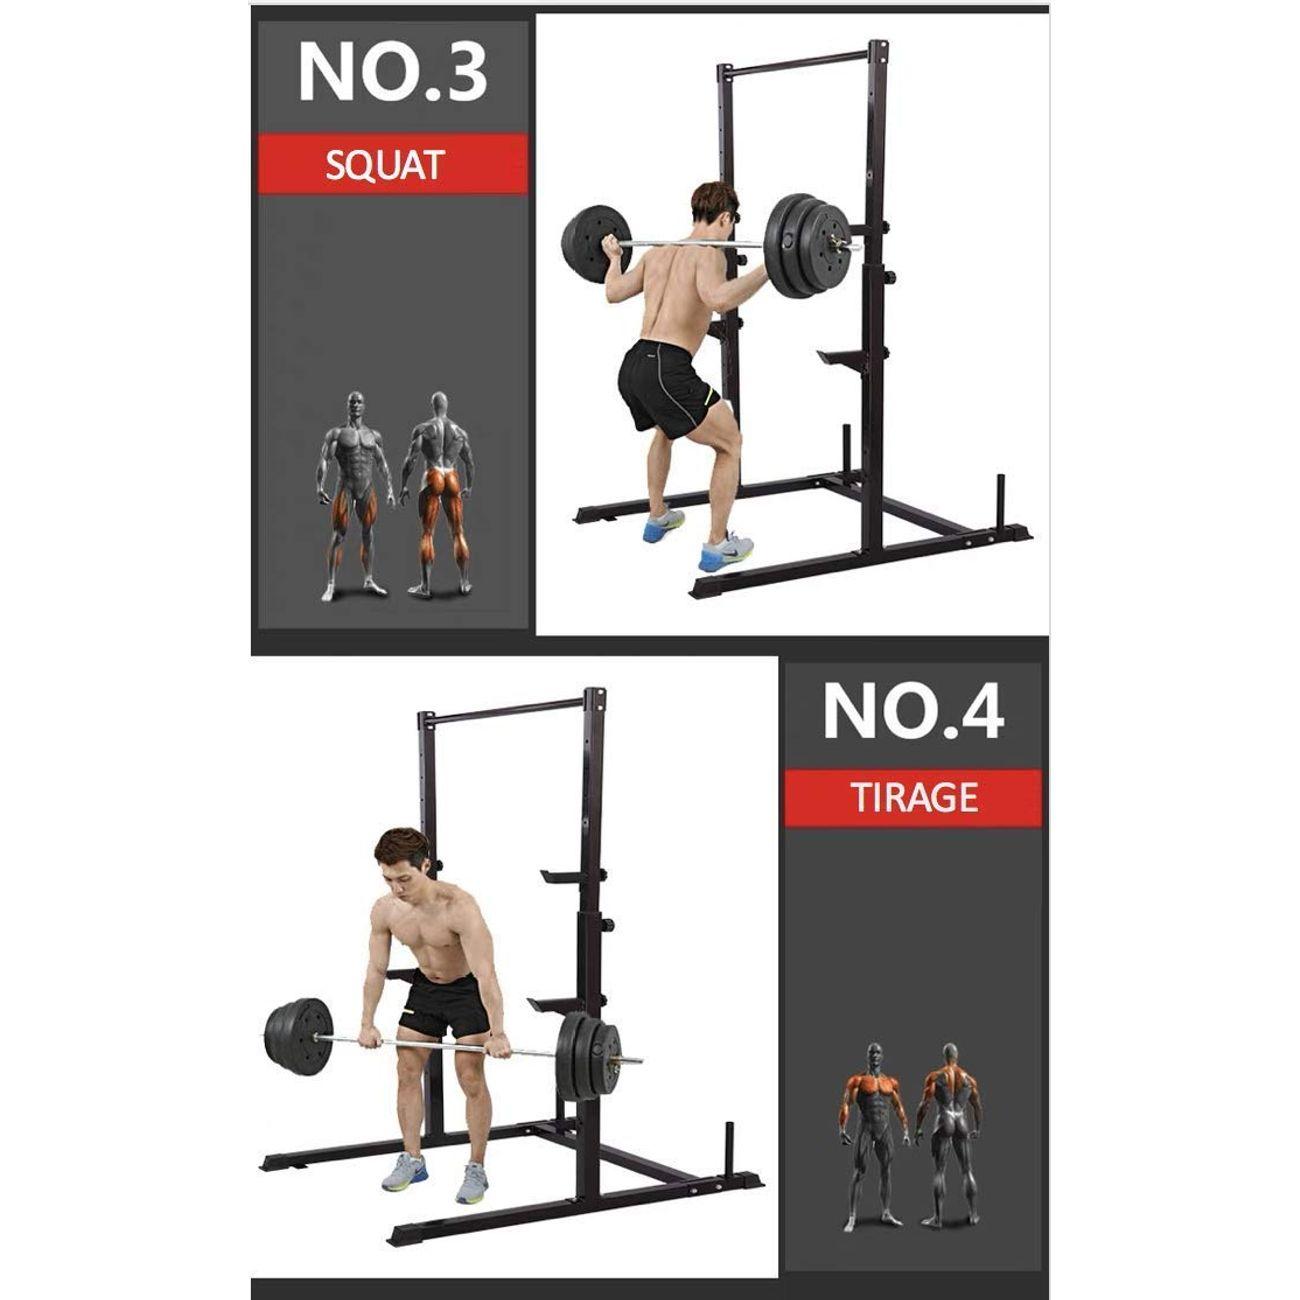 PLAYH Rack De Musculation Squat Traction,Charge 250kg,Barbell Rack,Support De Levage R/églable Largeur Et Hauteur Durable Et Robuste Home Squat Bracket Support Dhalt/érophilie Barbell